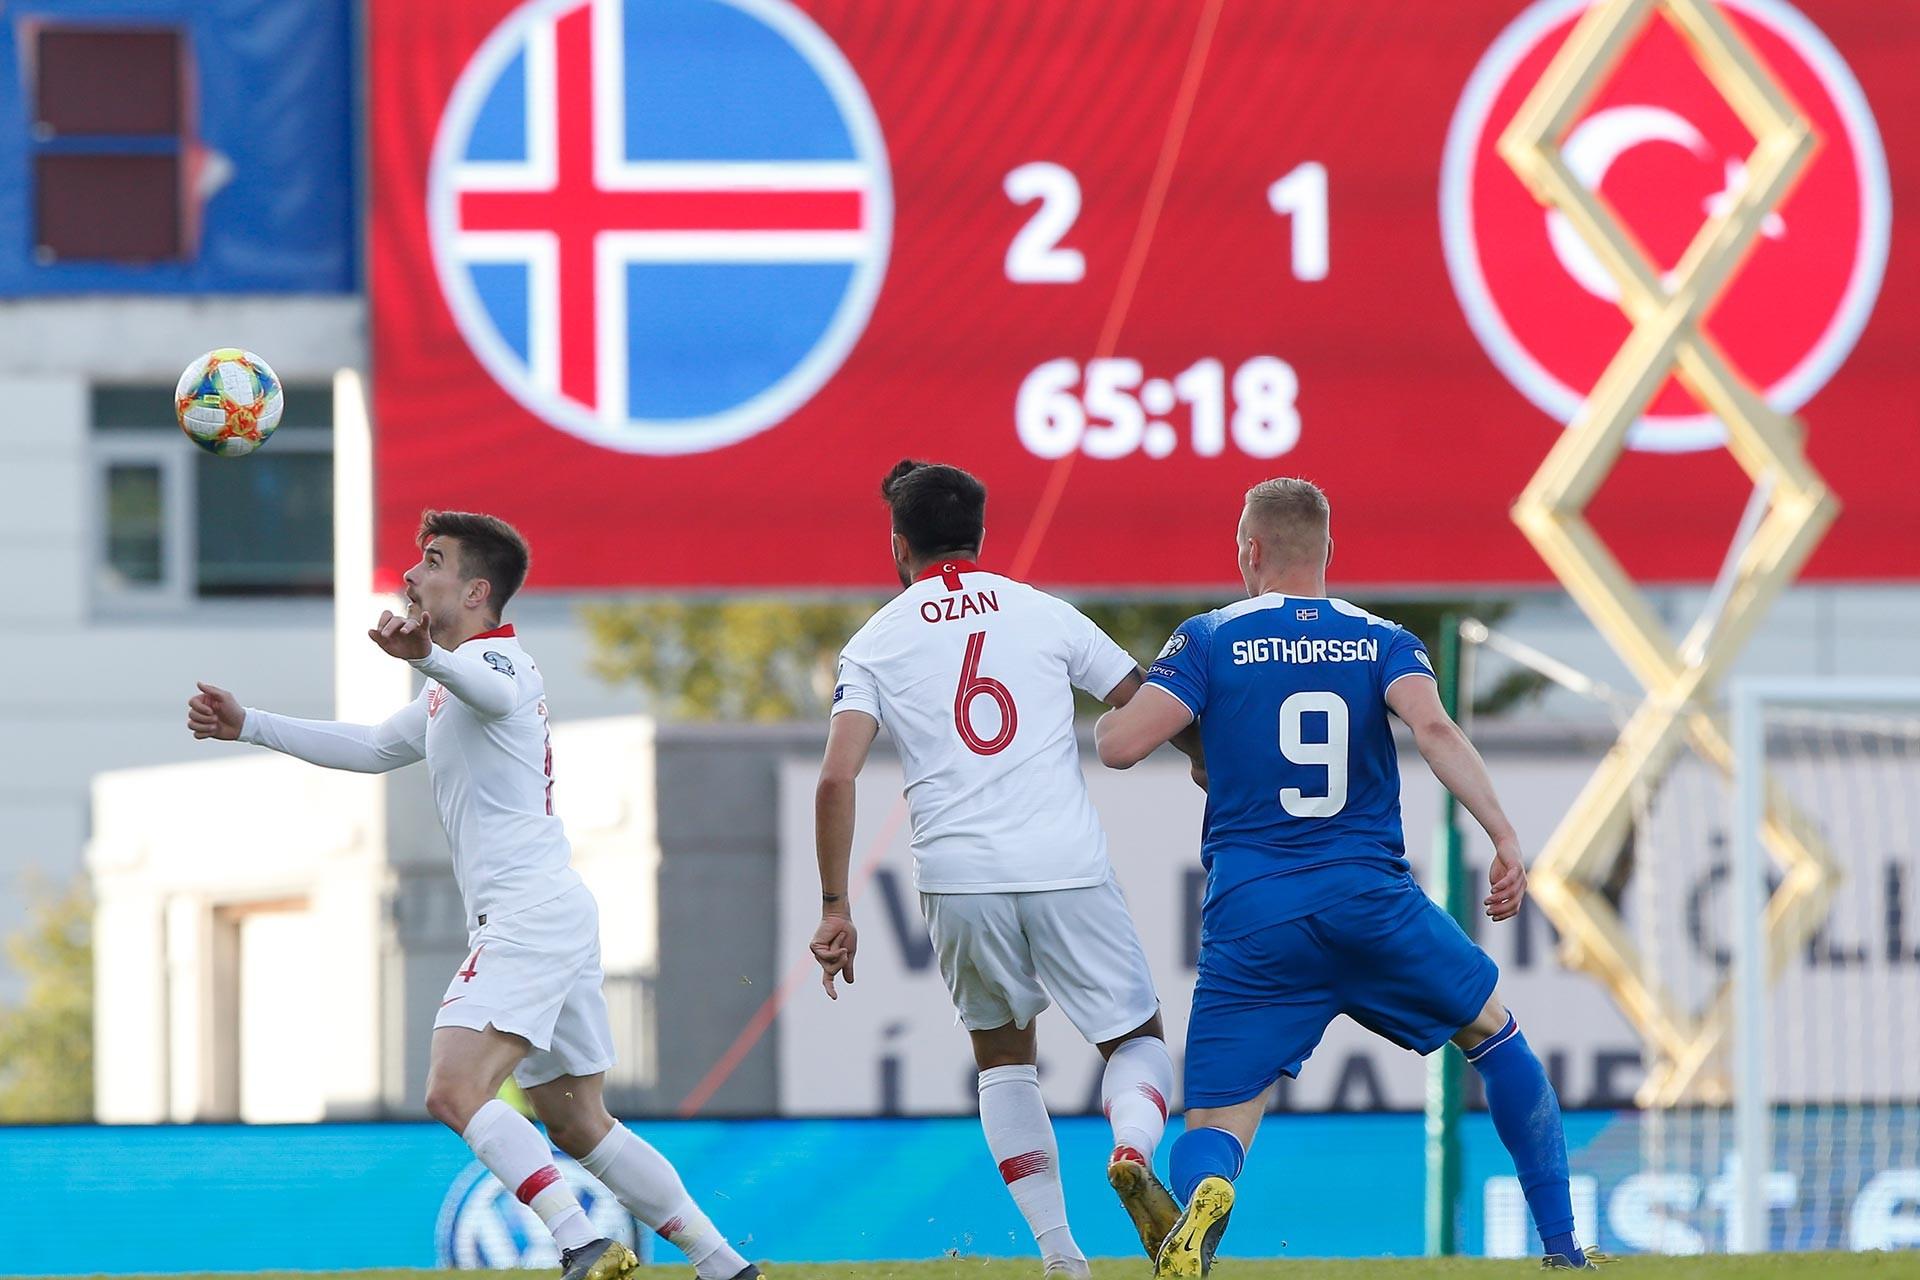 Beşiktaş'ın genç futbolcusu Dorukhan Toköz, İzlanda karşısında milli takım formasıyla ilk golünü attı.